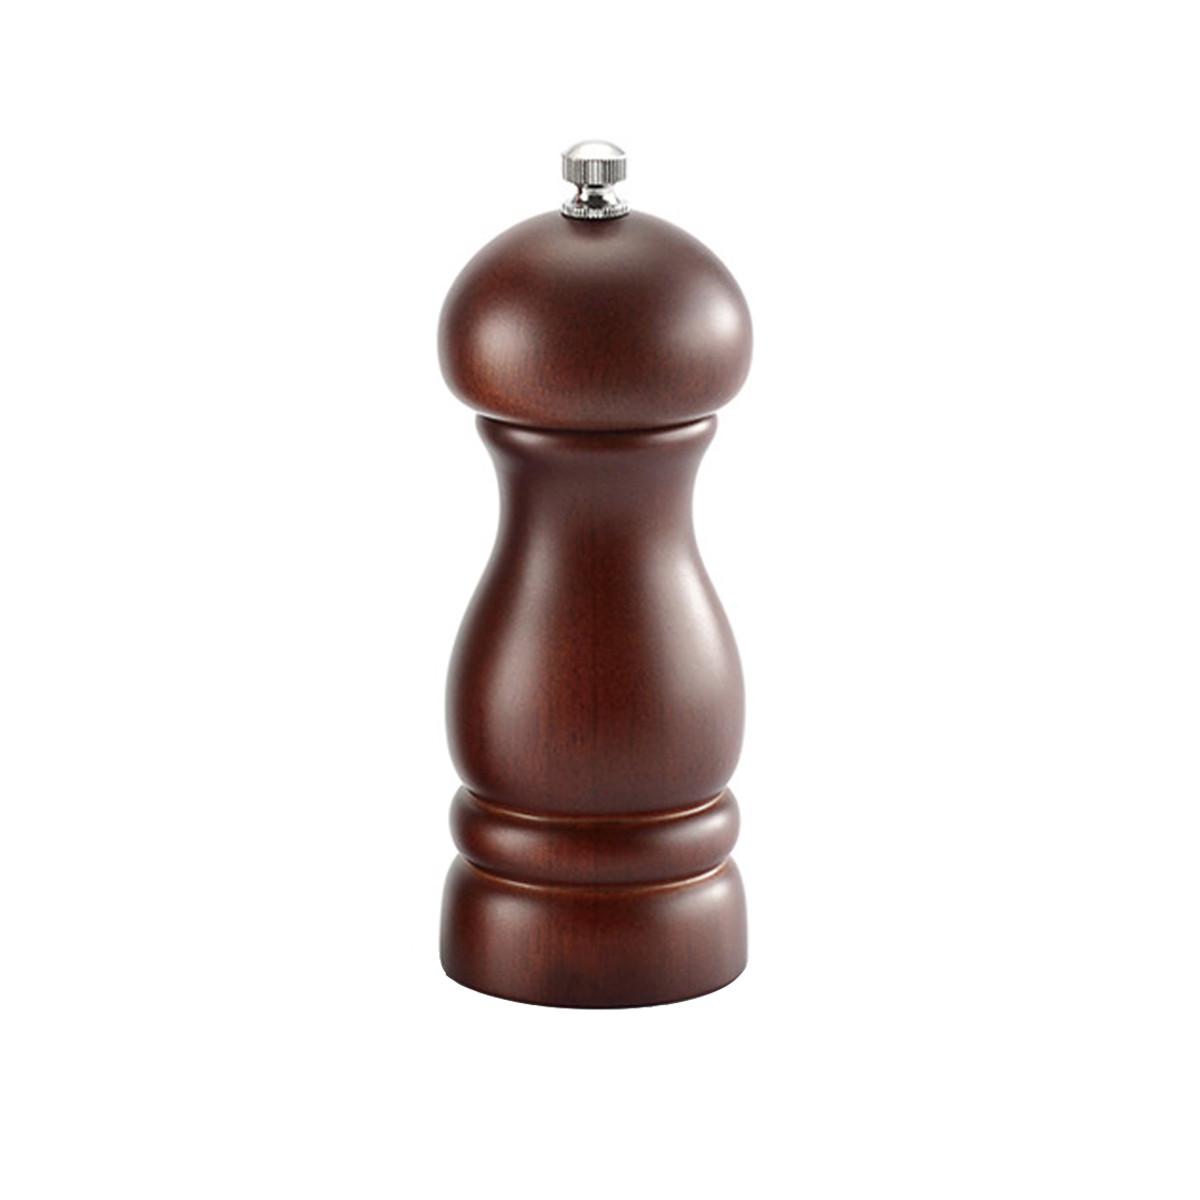 Xay tiêu cầm tay gỗ óc chó sang trọng (GA08), lọ xay hạt tiêu với gối xay bằng gốm dễ dàng điều chỉnh độ mịn